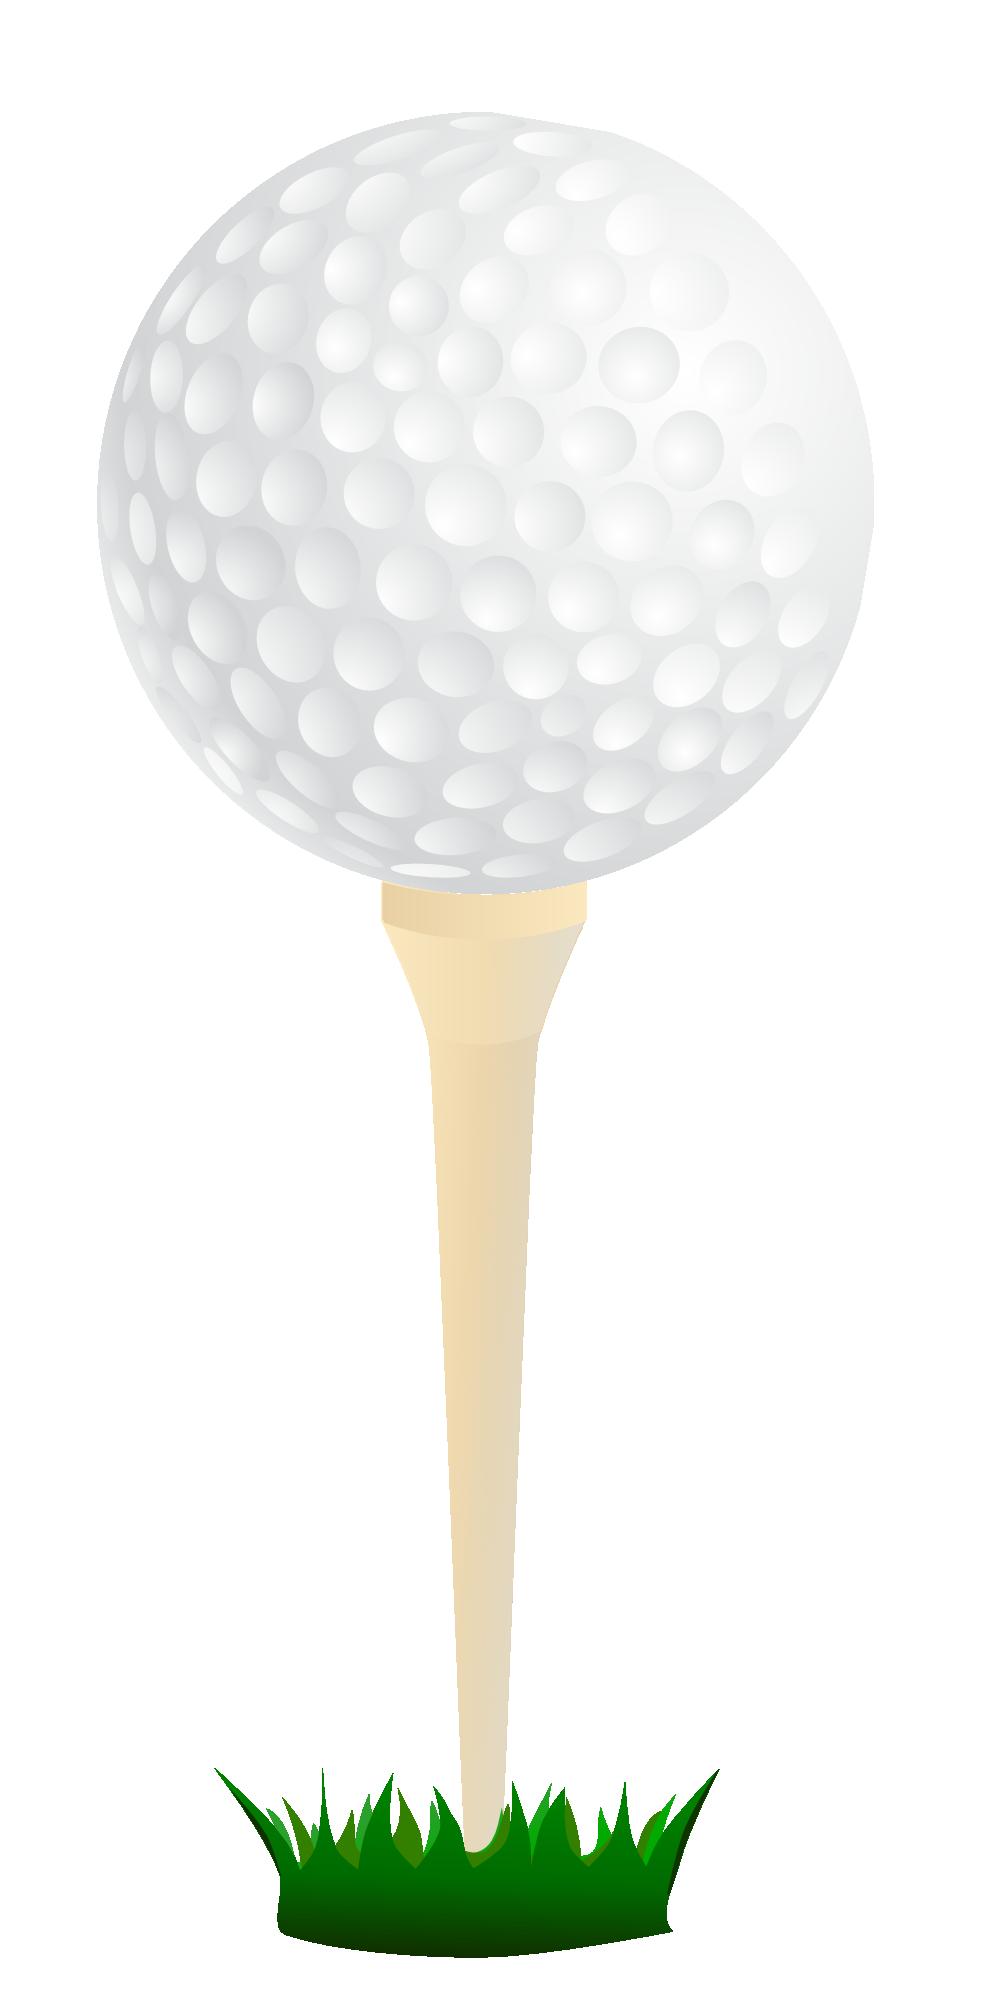 Golf Ball clipart teed up Art Ball & Golf Png